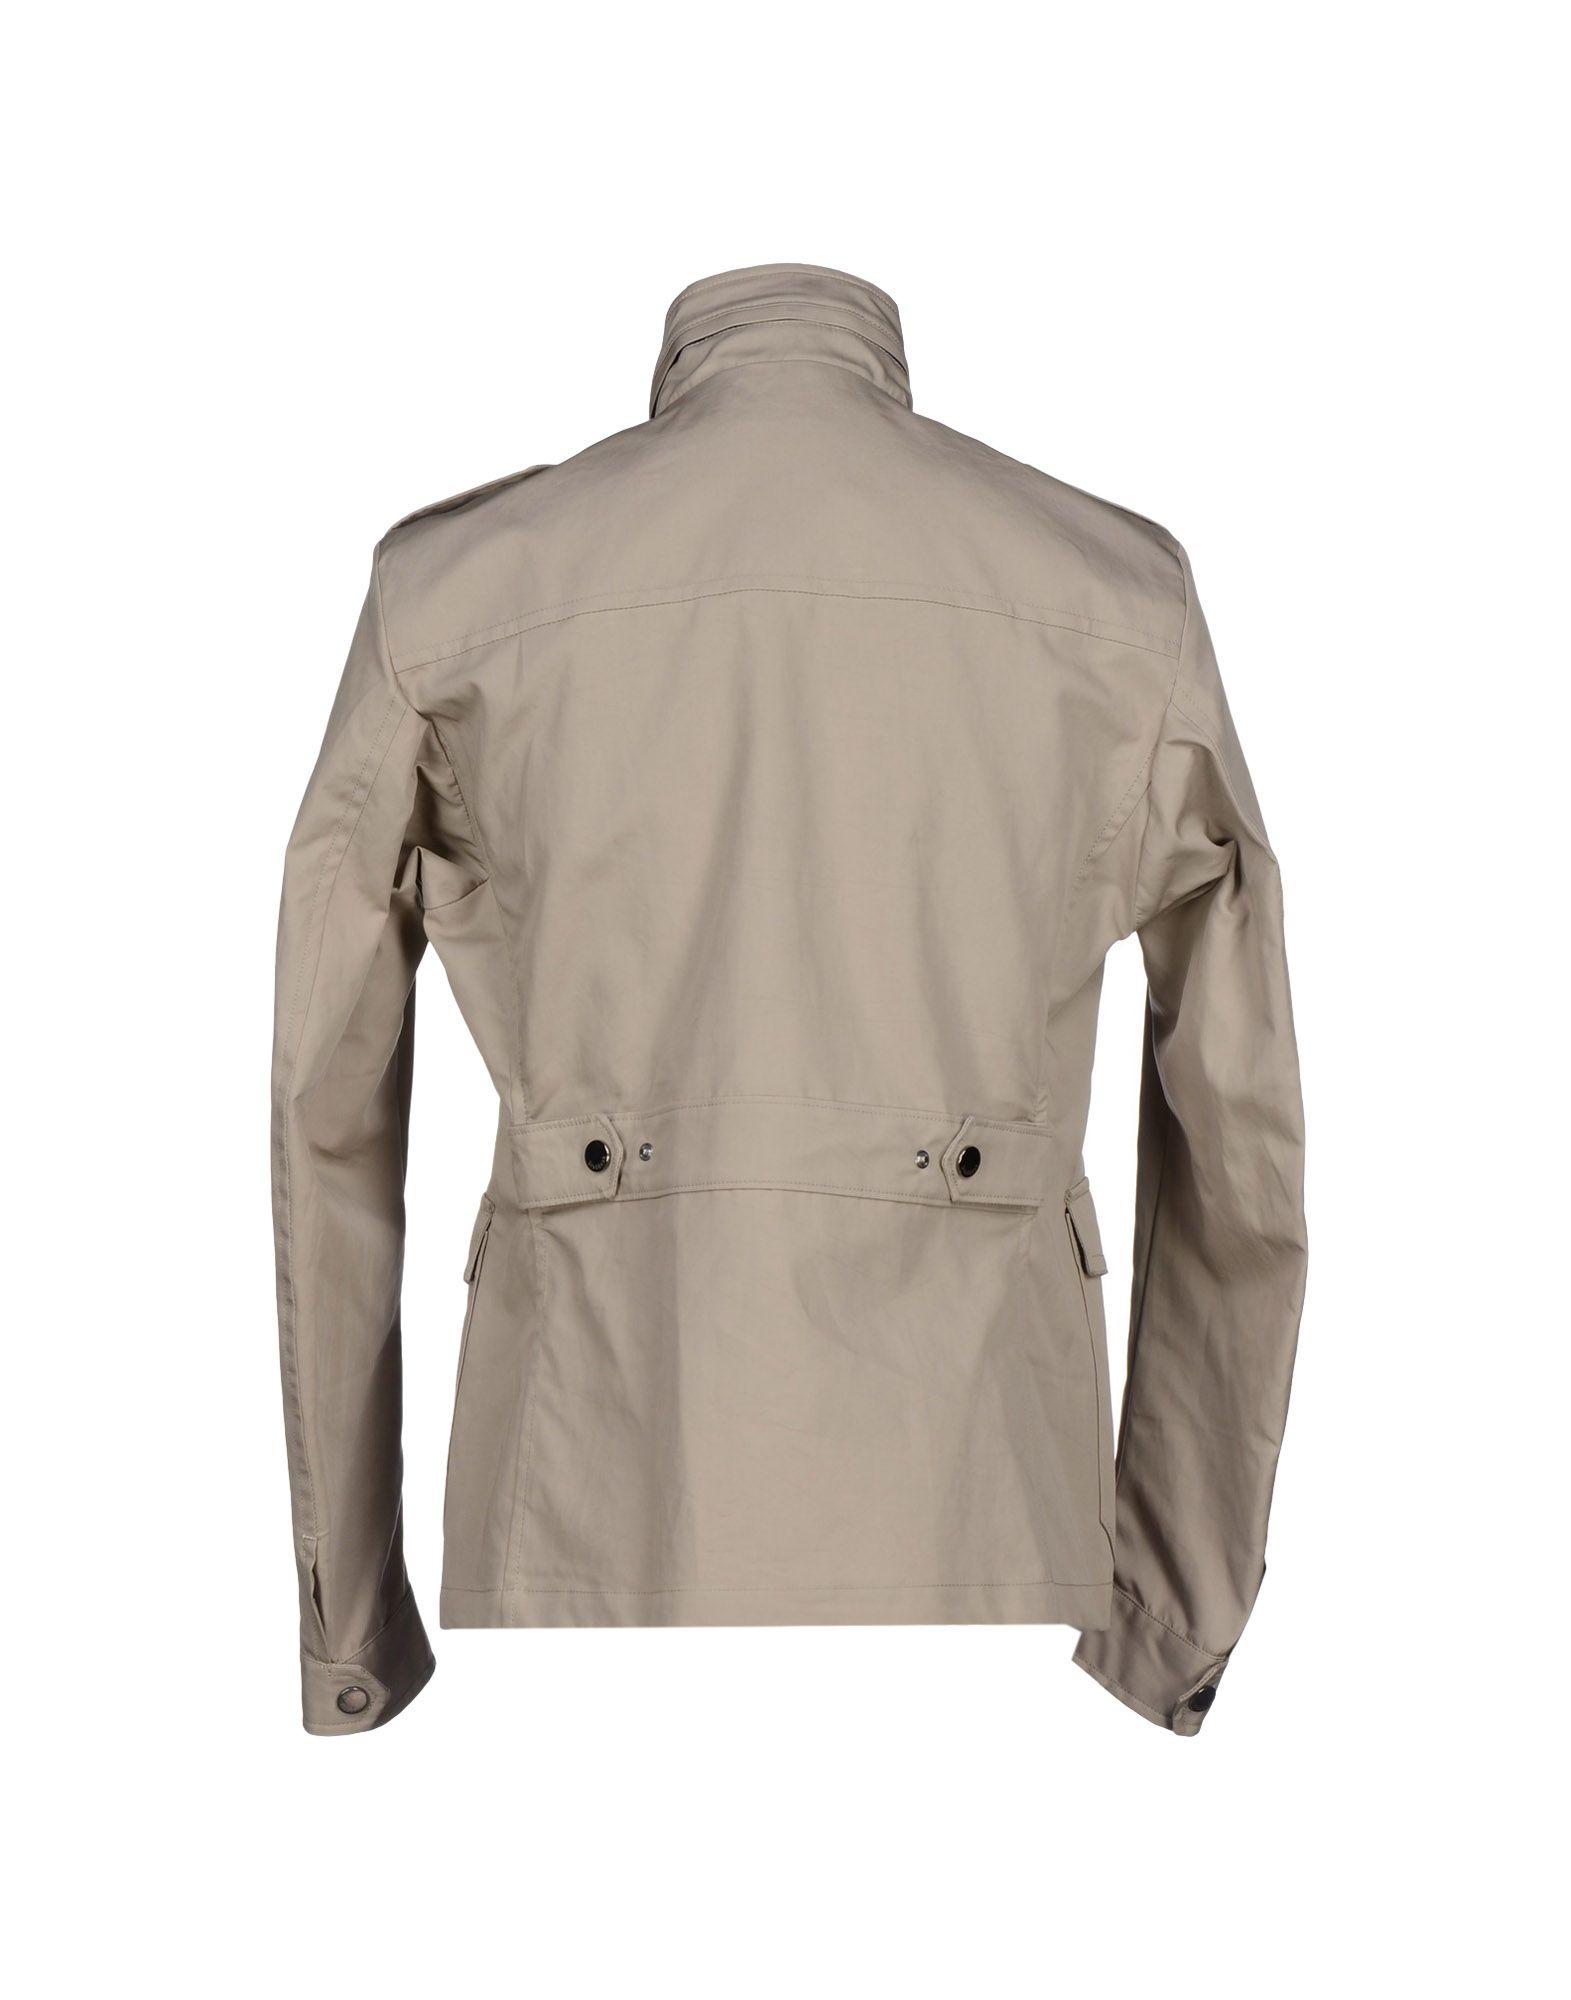 Braddock Jacket in Beige (Natural) for Men